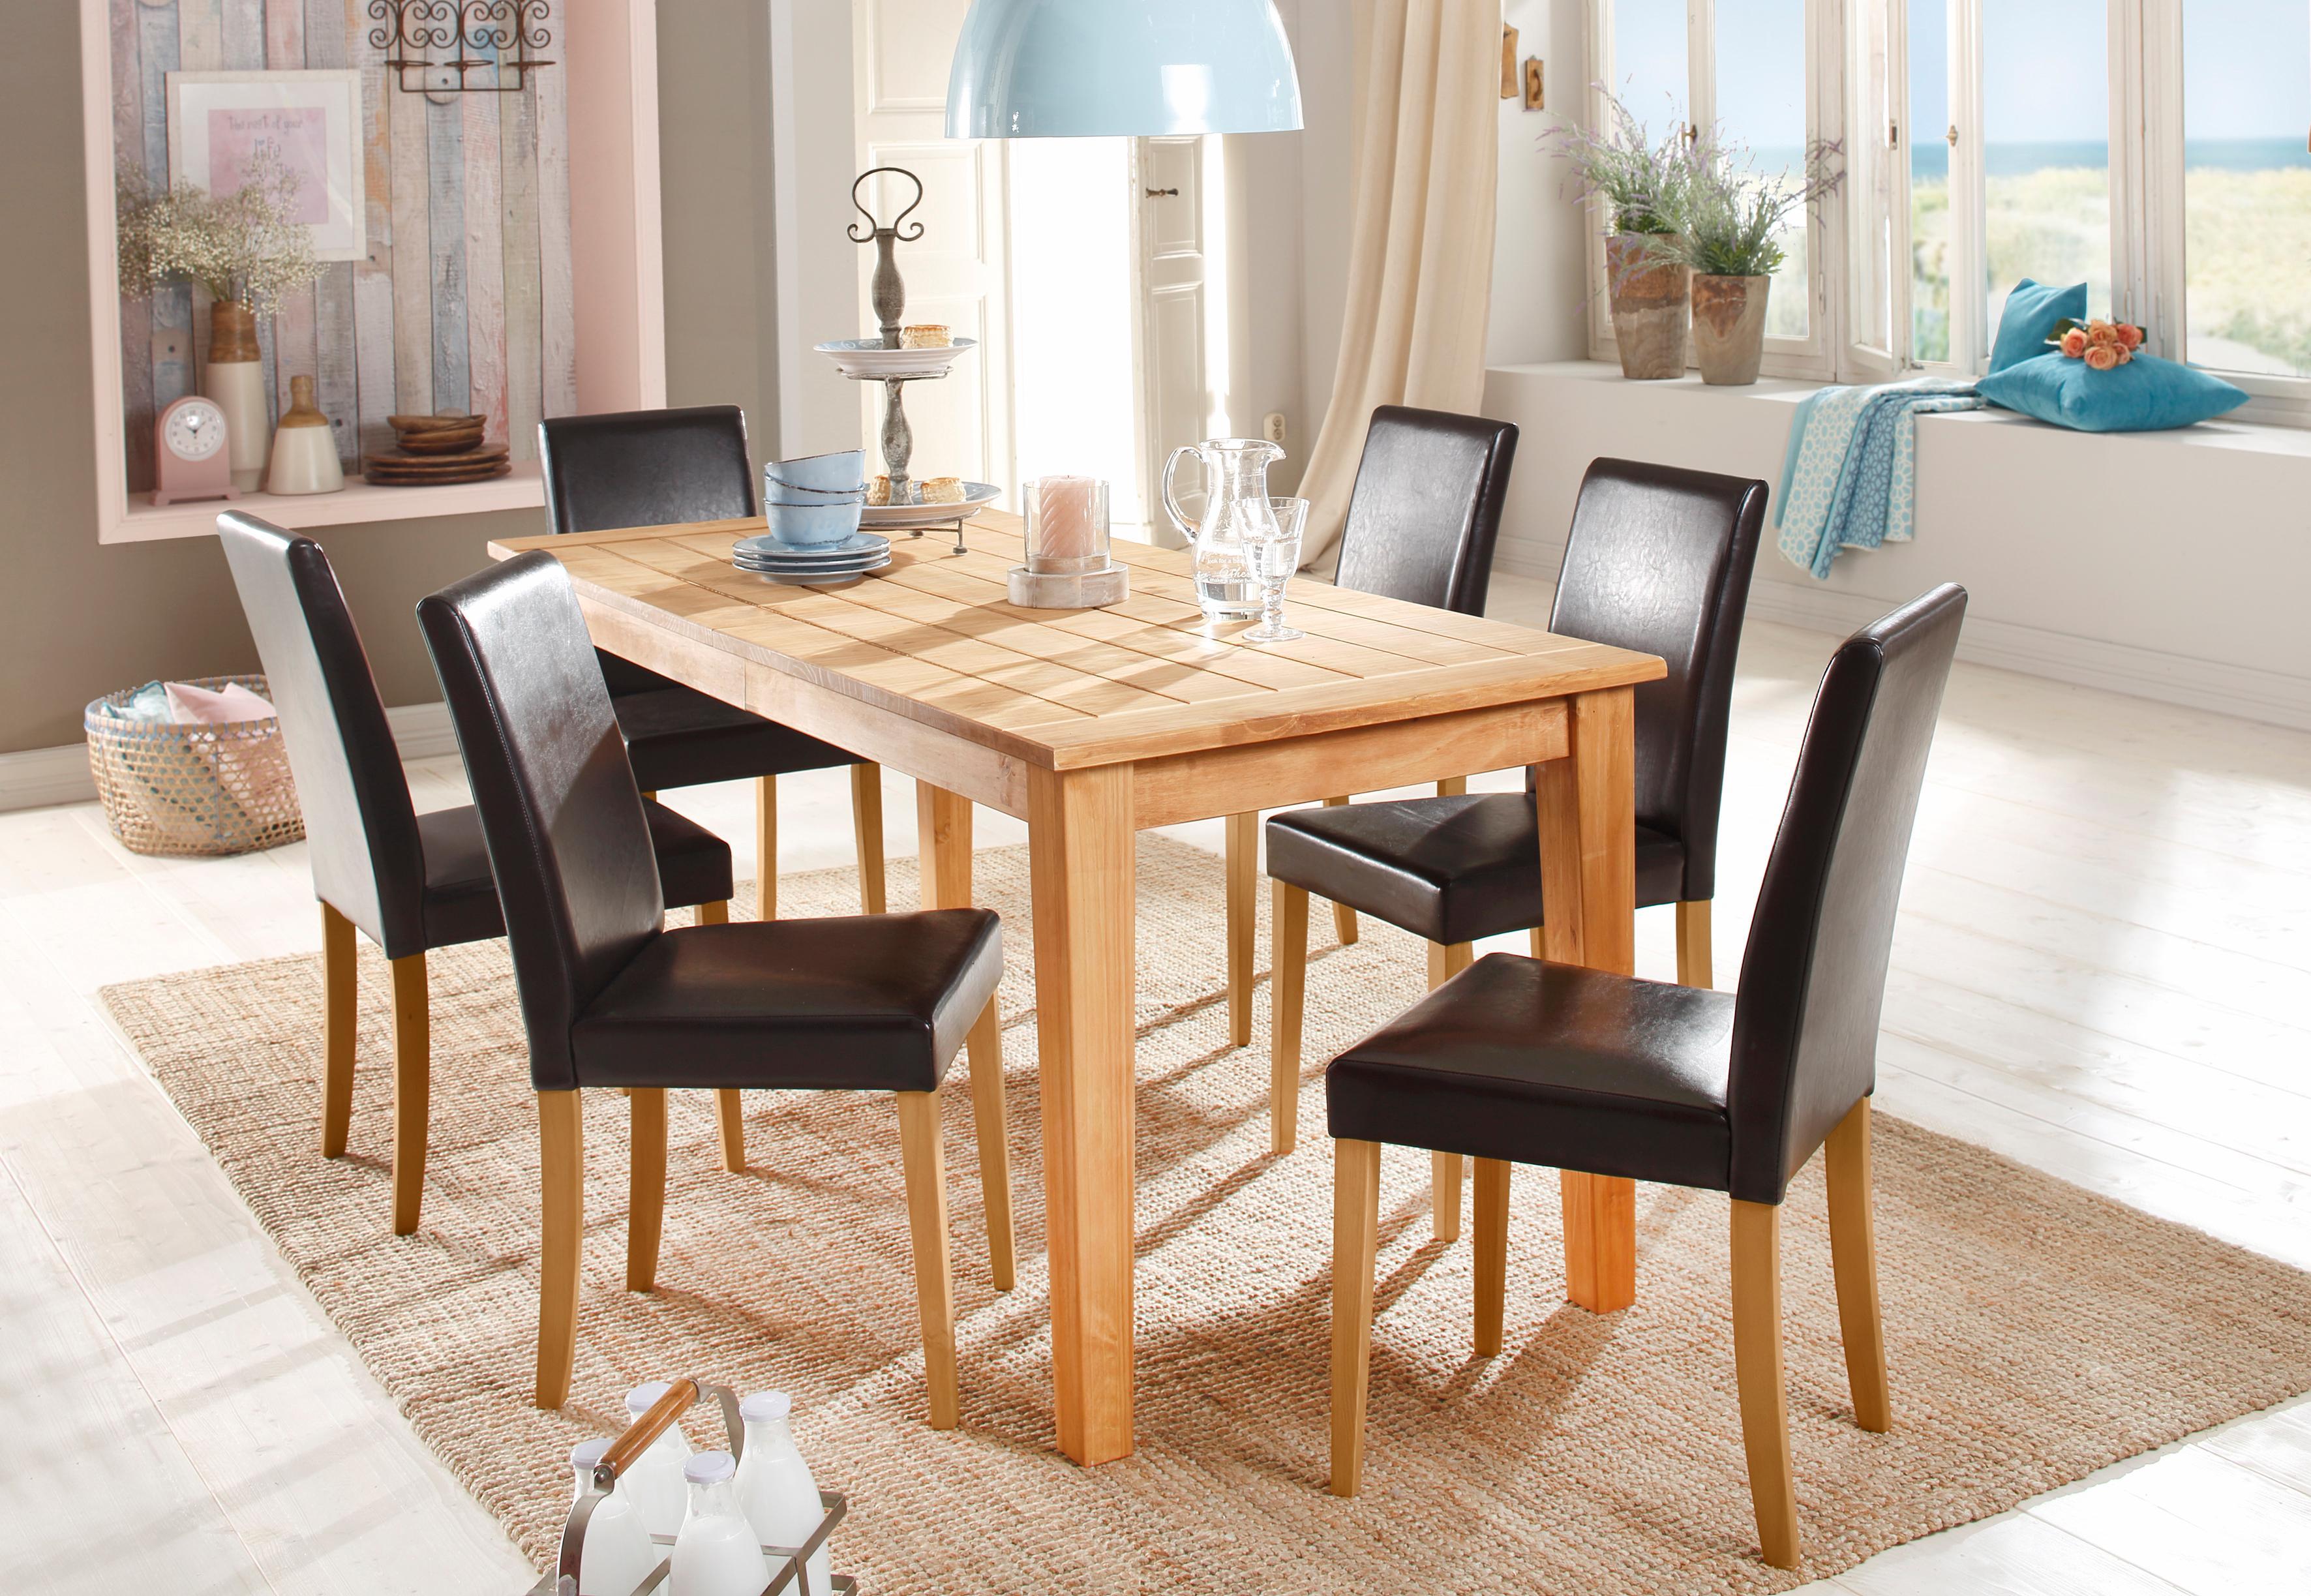 Home affaire Essgruppe | Küche und Esszimmer > Essgruppen > Essgruppen | home affaire